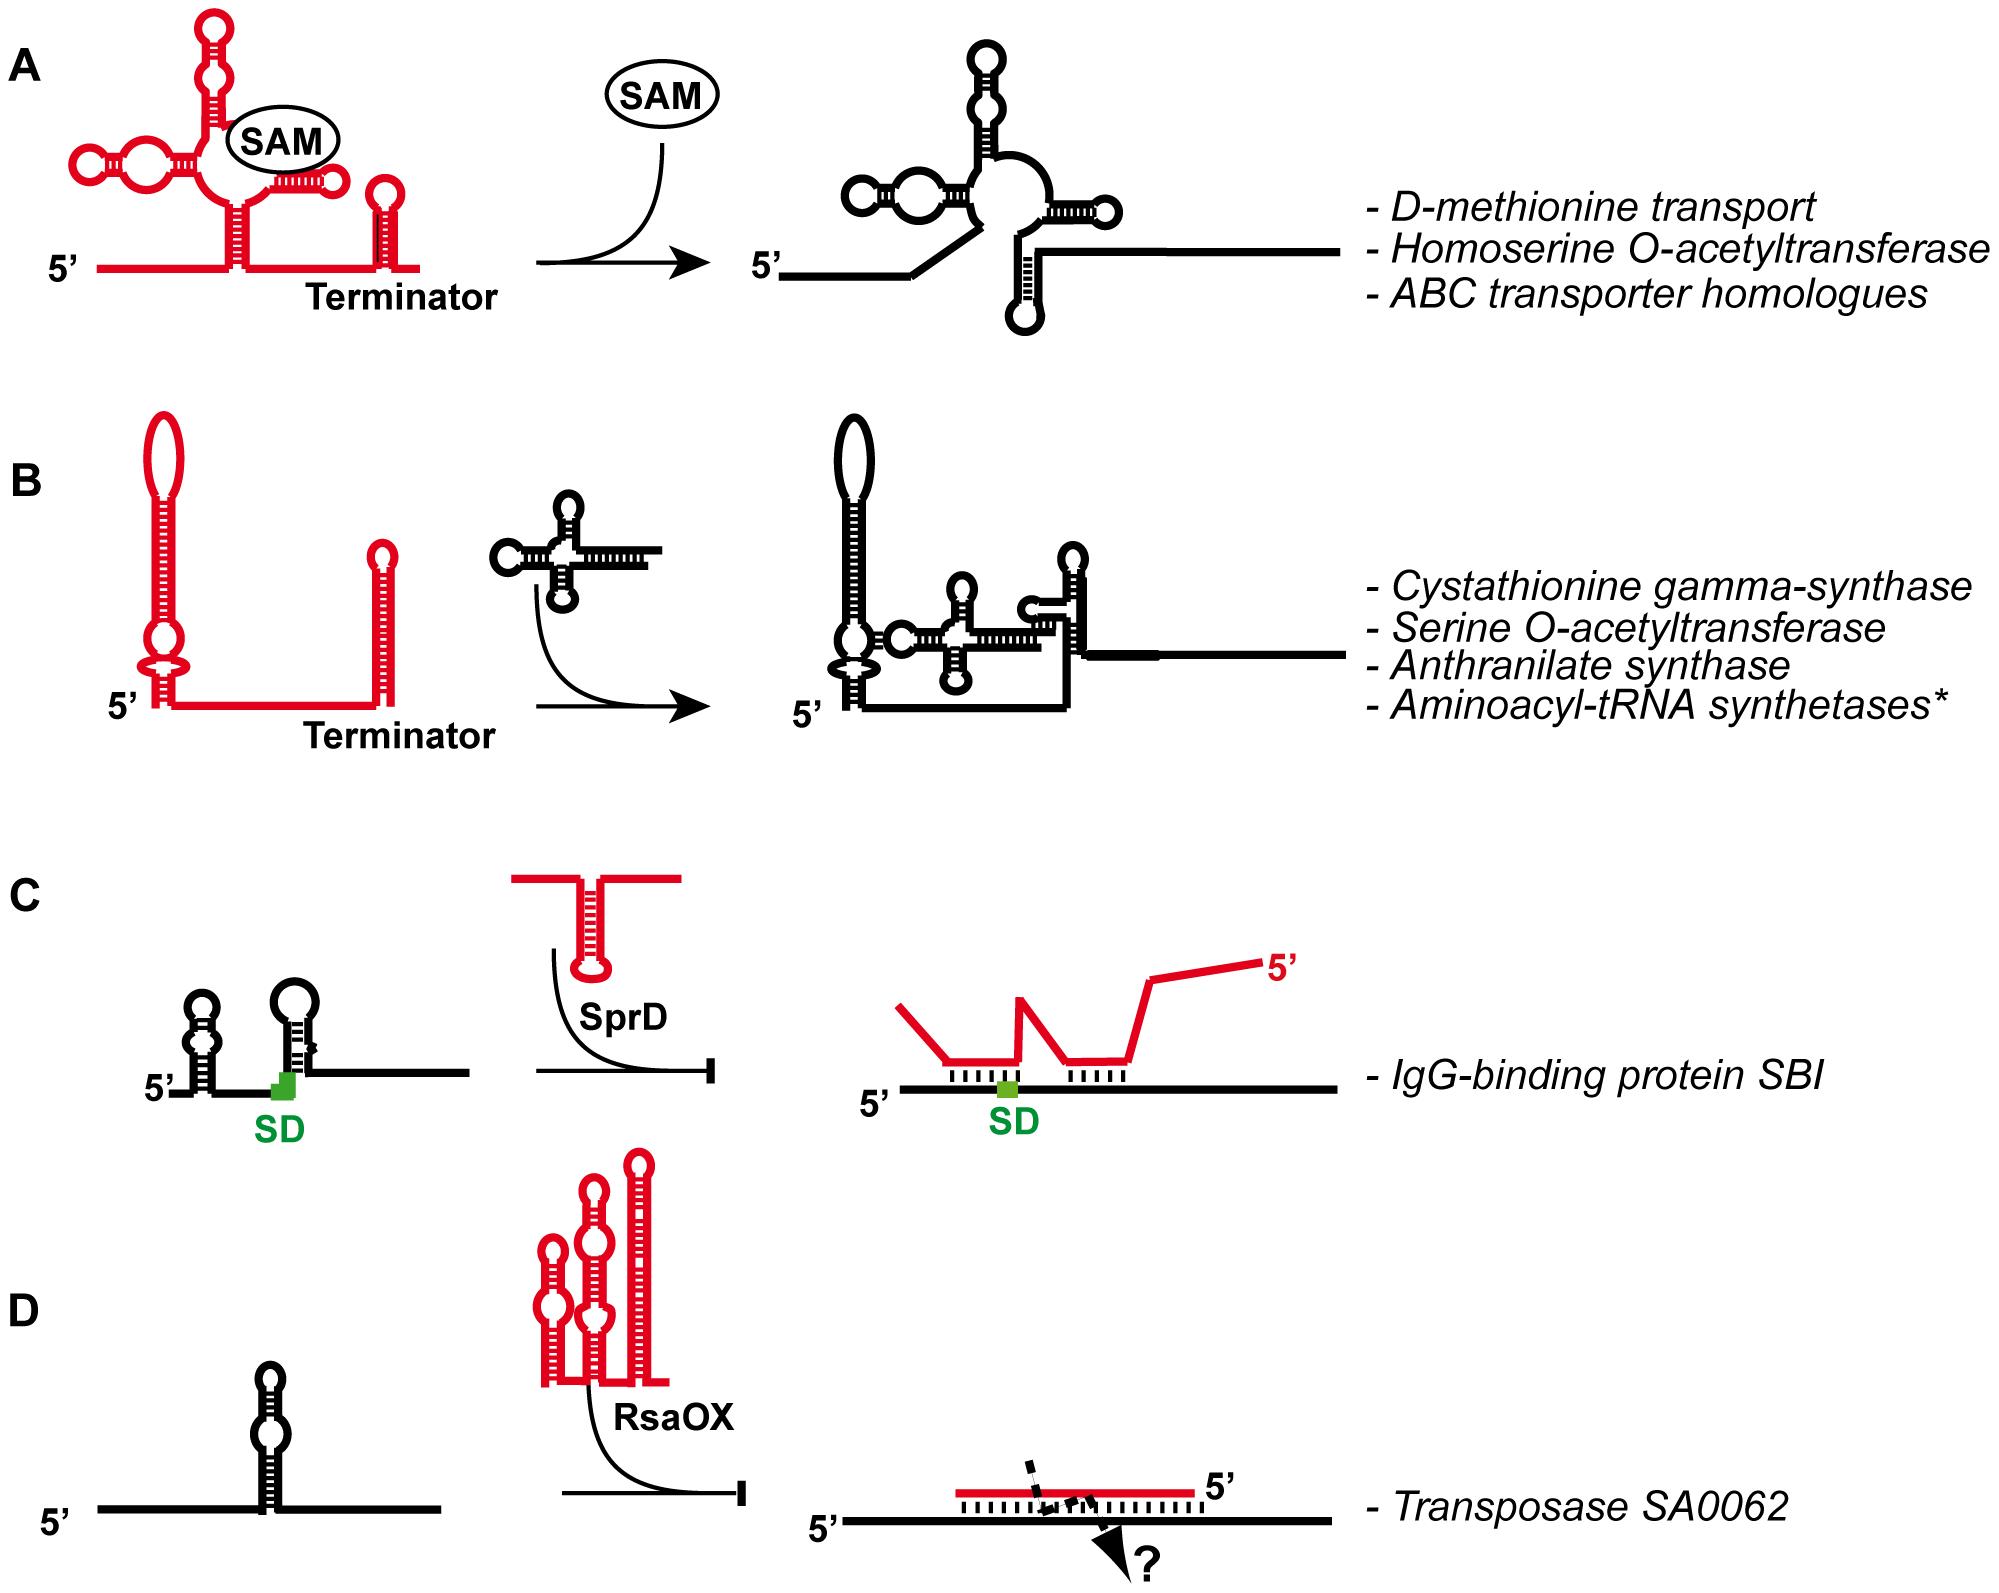 General mechanisms given for several <i>S. aureus</i> regulatory RNAs.